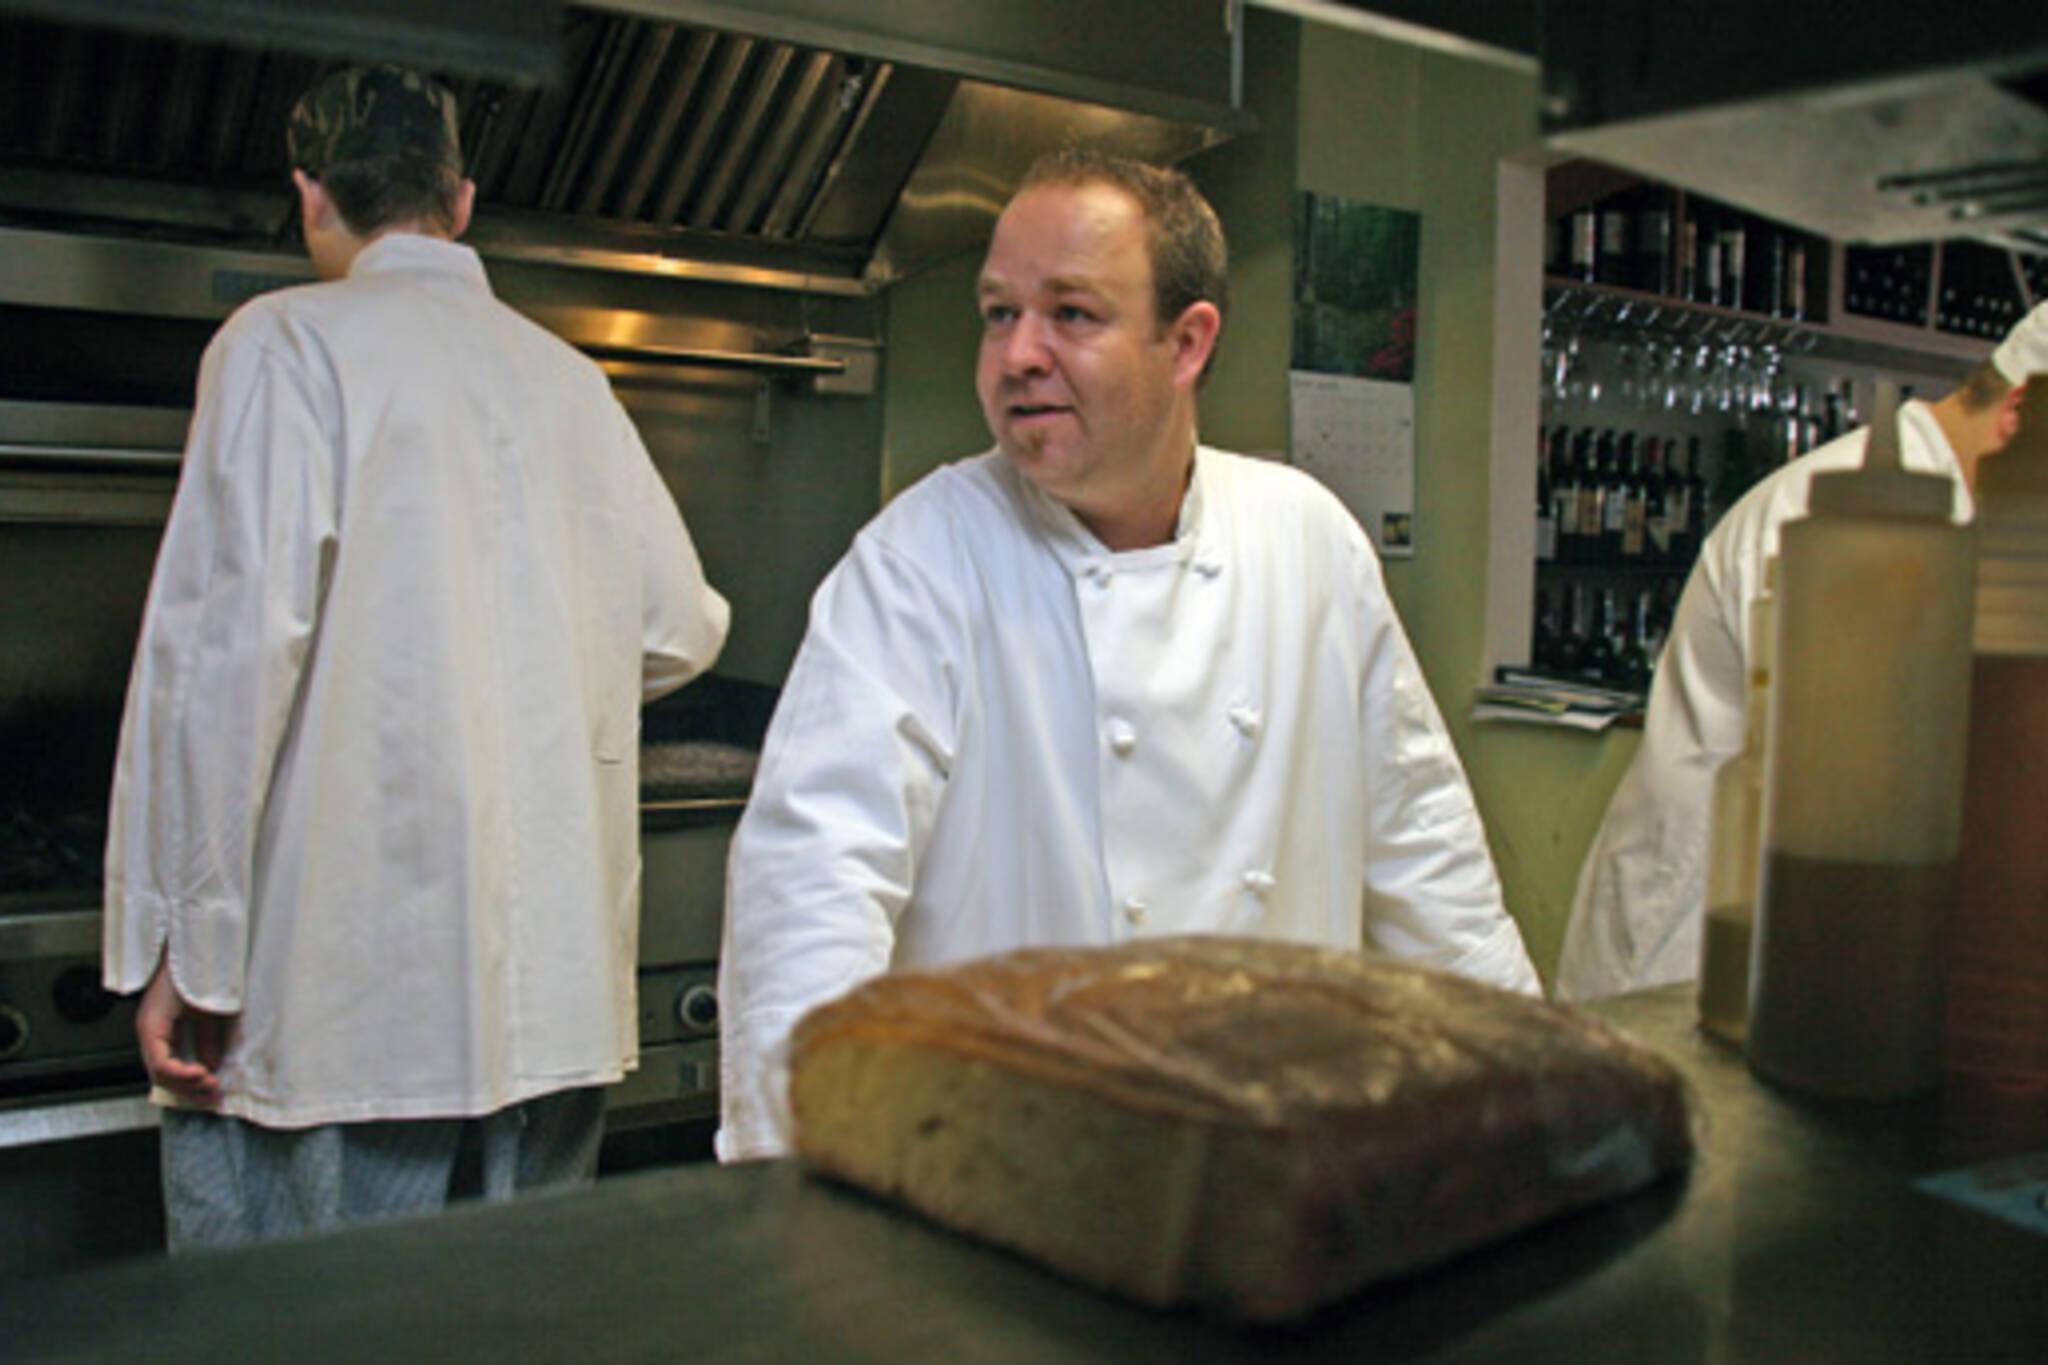 Chef Rocco Agostino